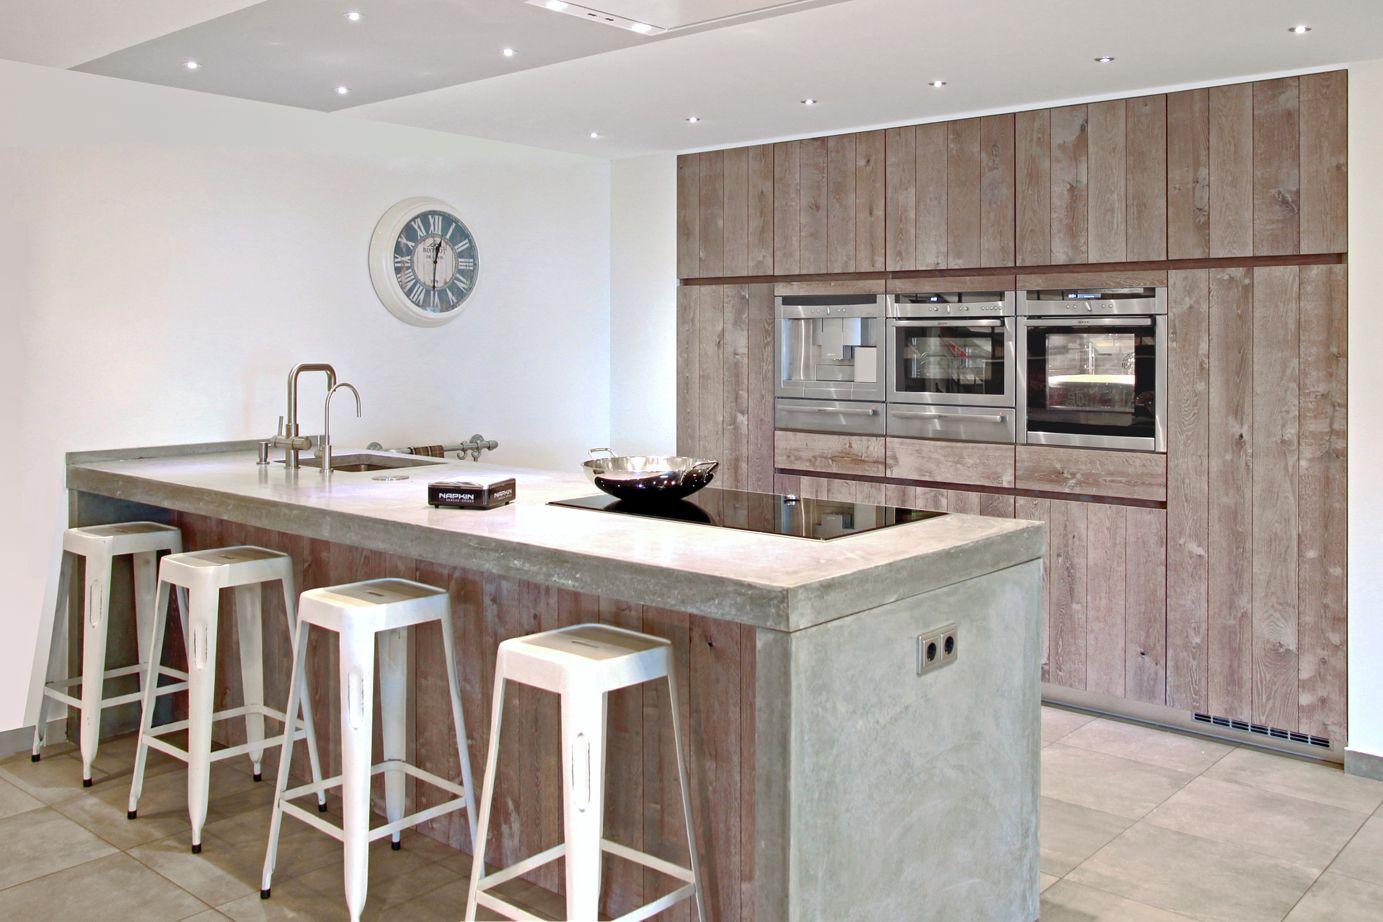 Keuken Houten Schiereiland : Greeploze keuken met kookeiland hout db keukens kombuis in